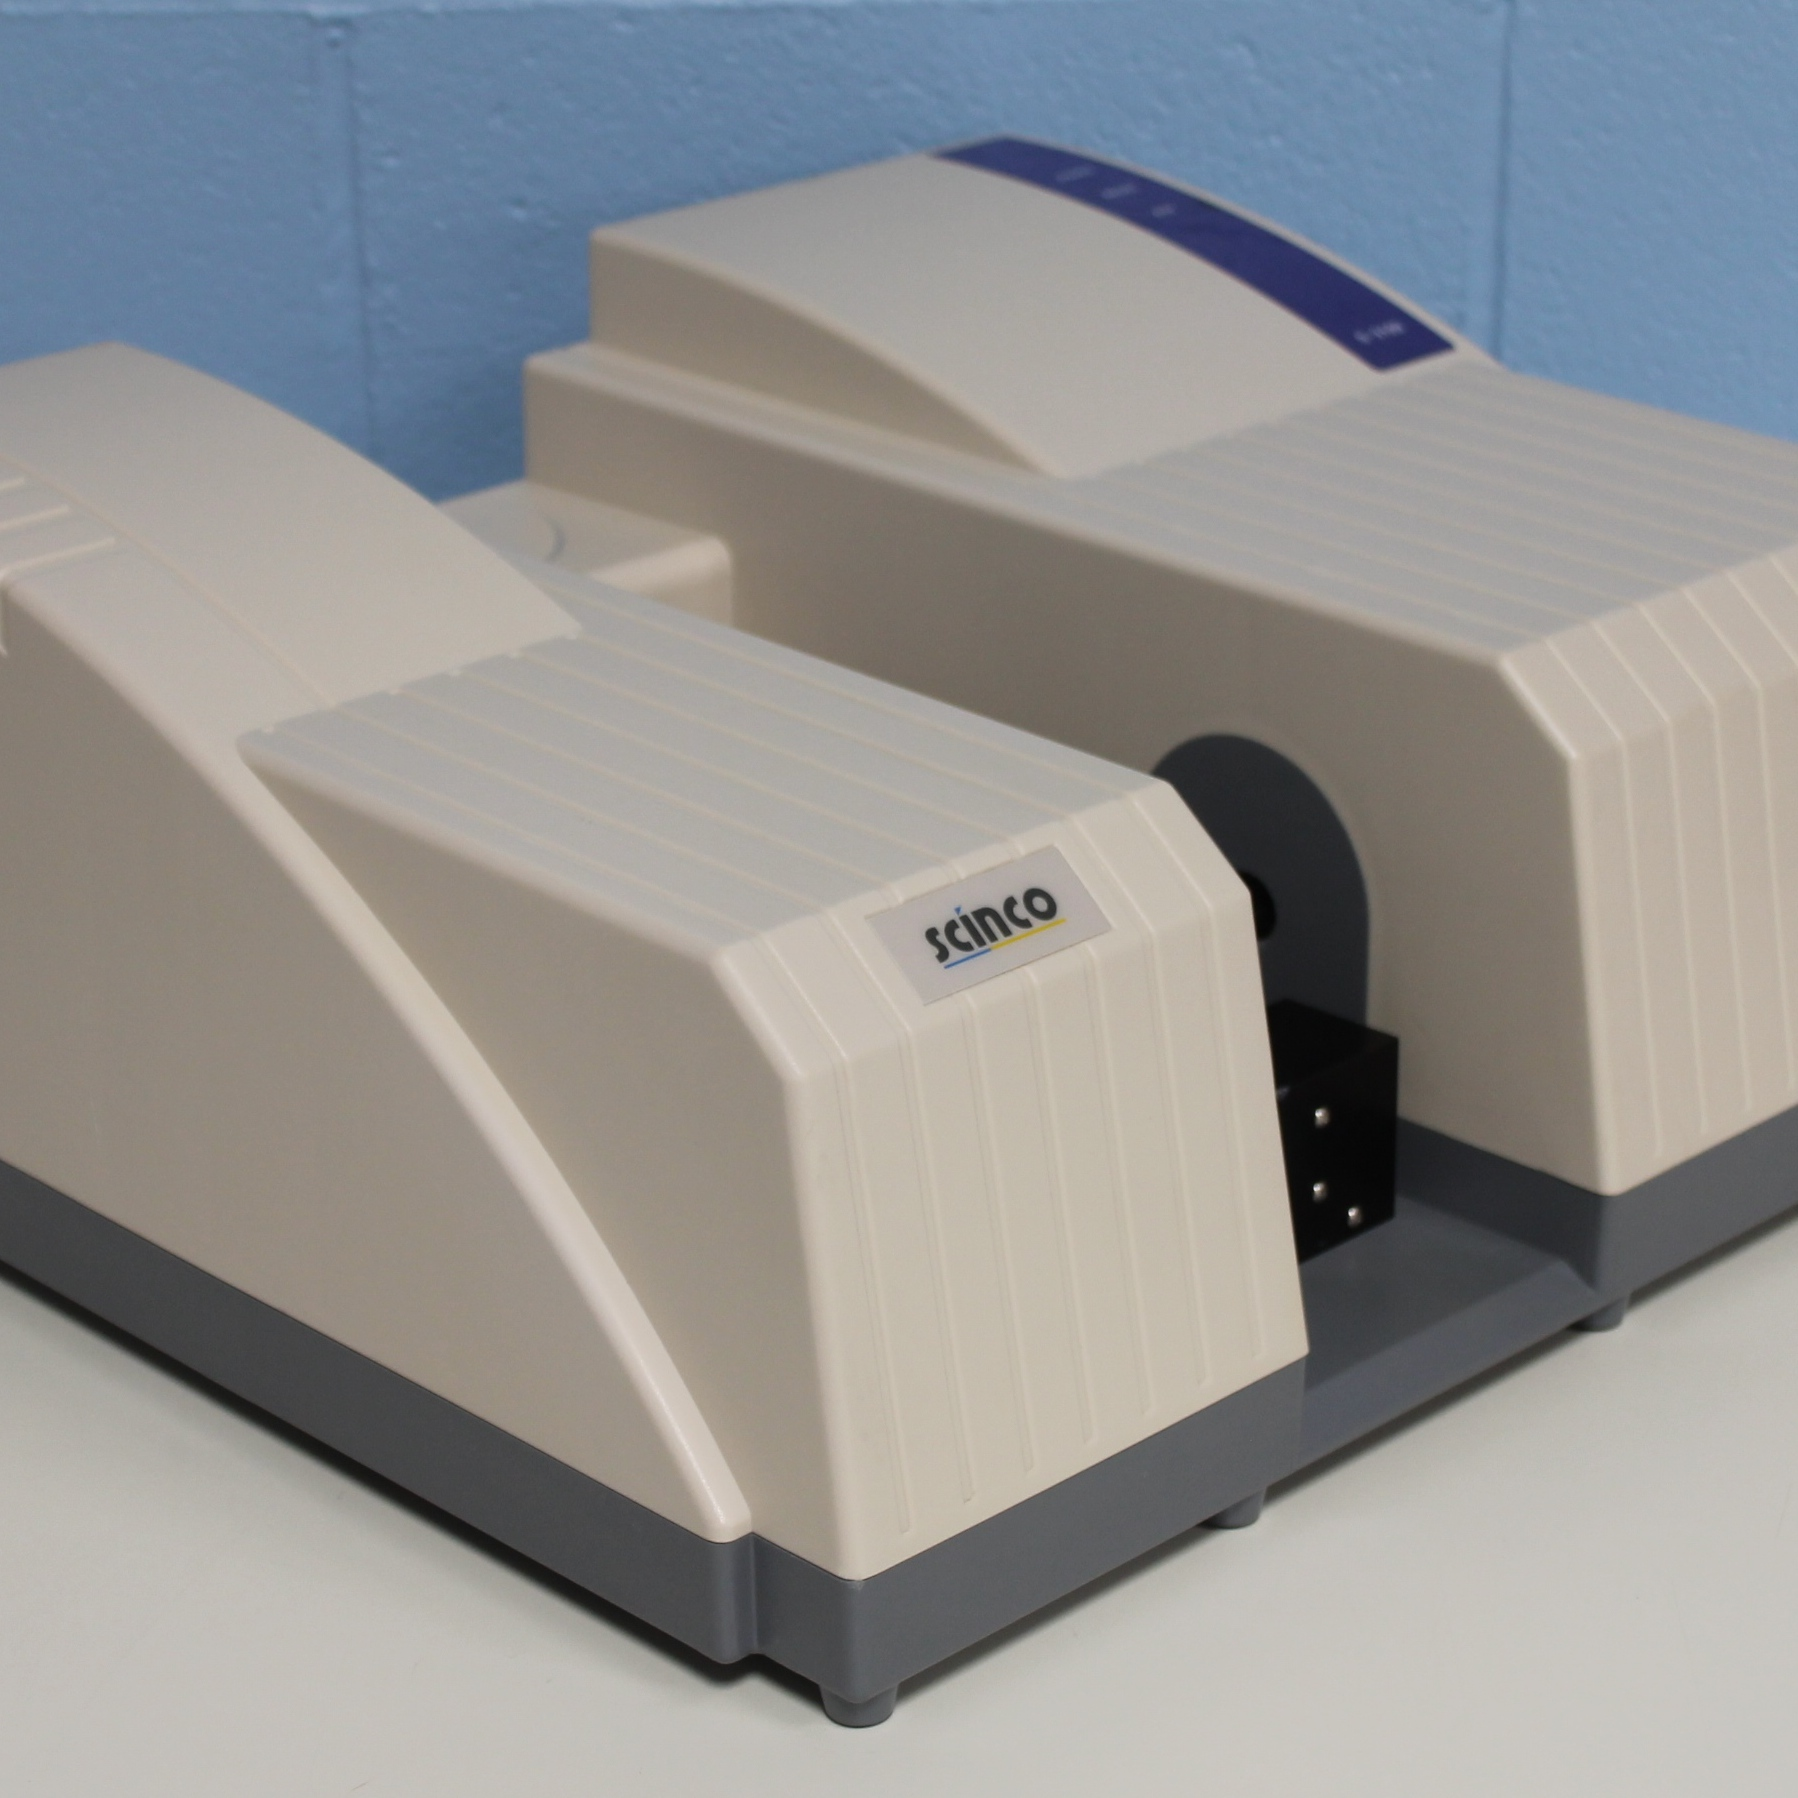 Scinco S-3150 UV-Vis Spectrophotometer Image